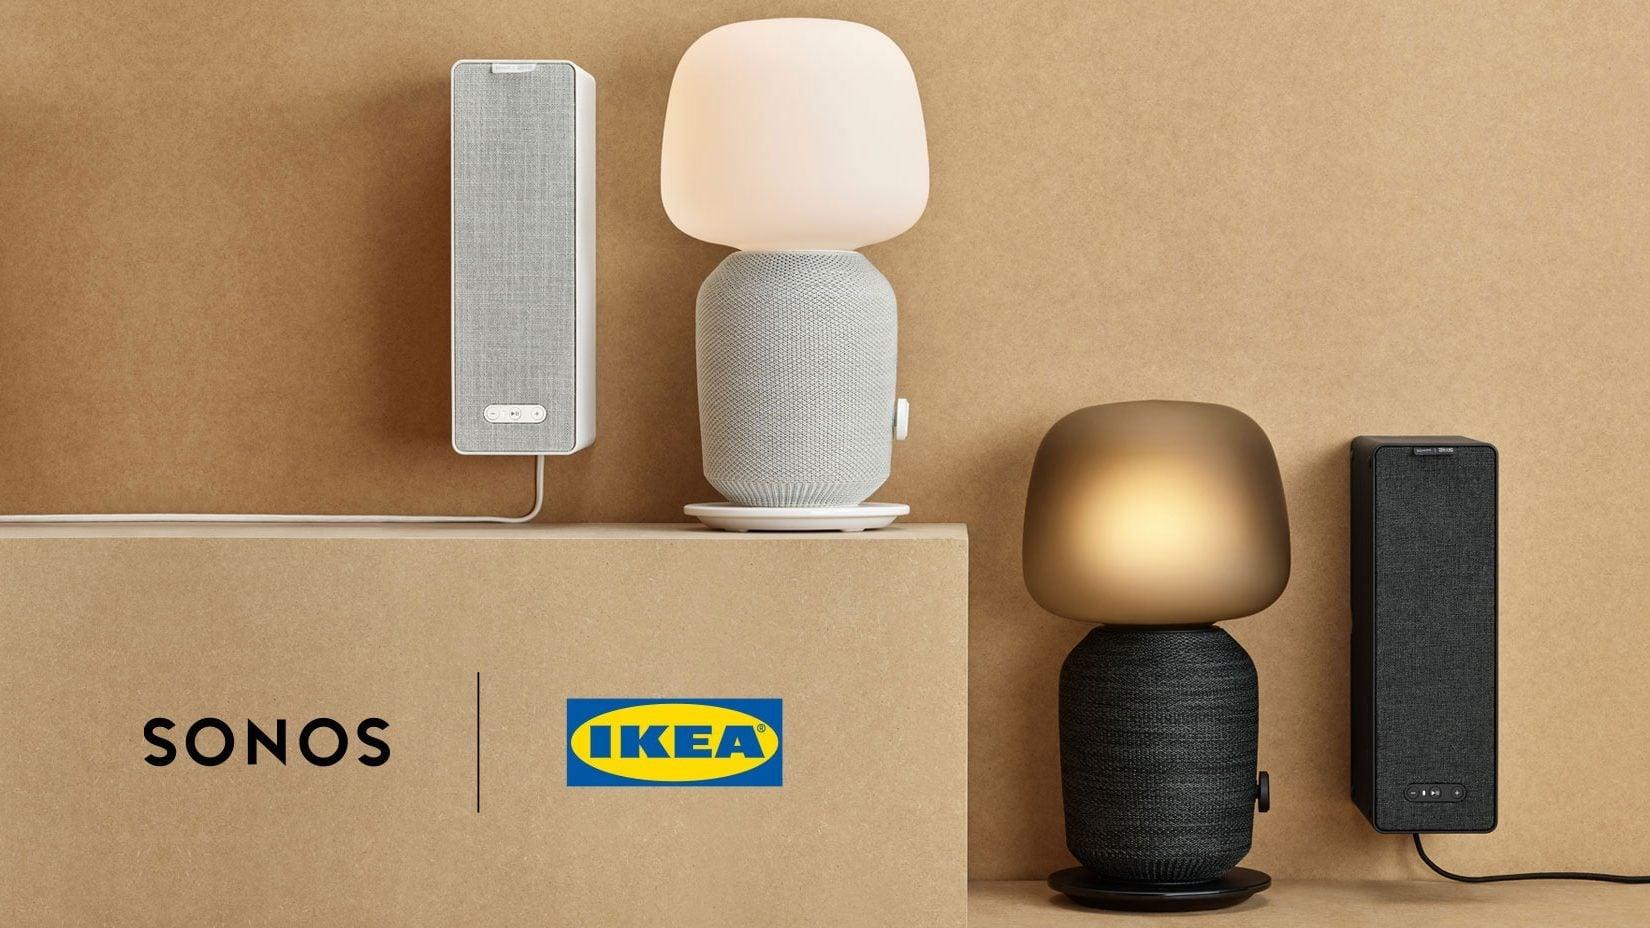 IKEA Sonos Kooperation: 17 Videos  zu IKEA Symfonisk erschienen 1 techboys.de • smarte News, auf den Punkt! IKEA Sonos Kooperation: 17 Videos  zu IKEA Symfonisk erschienen